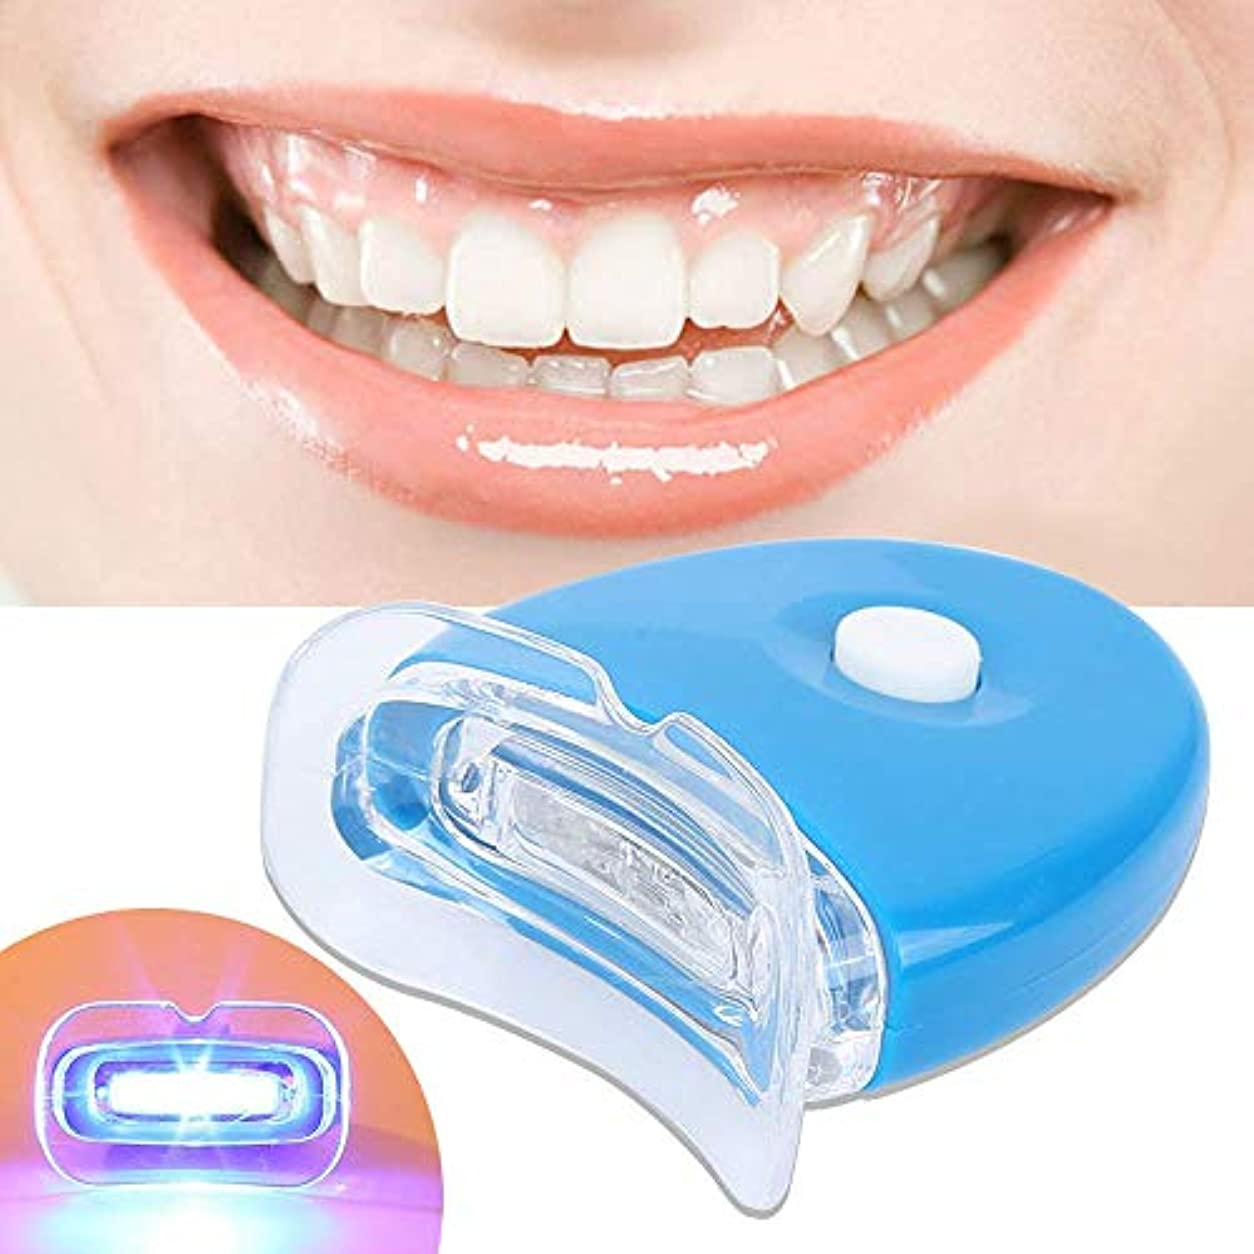 理由市町村郵便オフィスの家の十代の若者たちのための歯のホワイトナーの心配の健康な歯科白くなるLEDライトを白くする歯